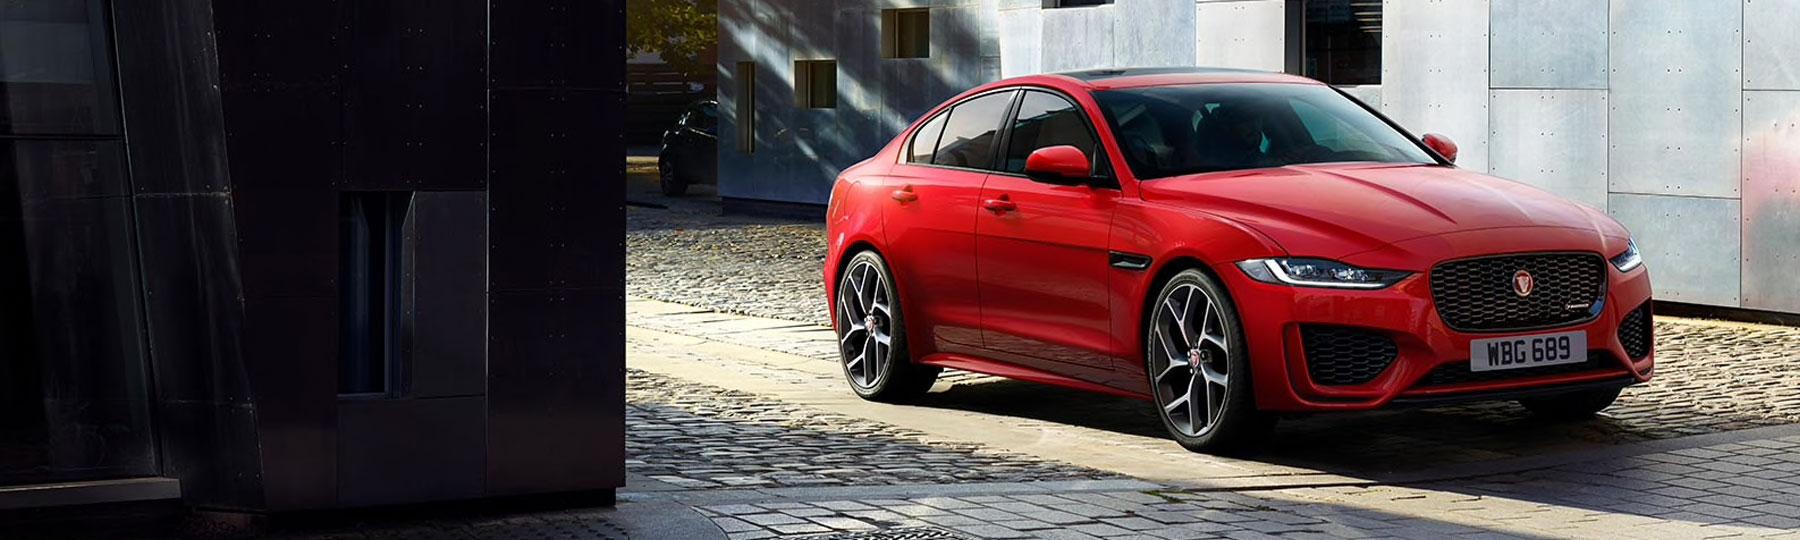 New Jaguar XE New Car Offer